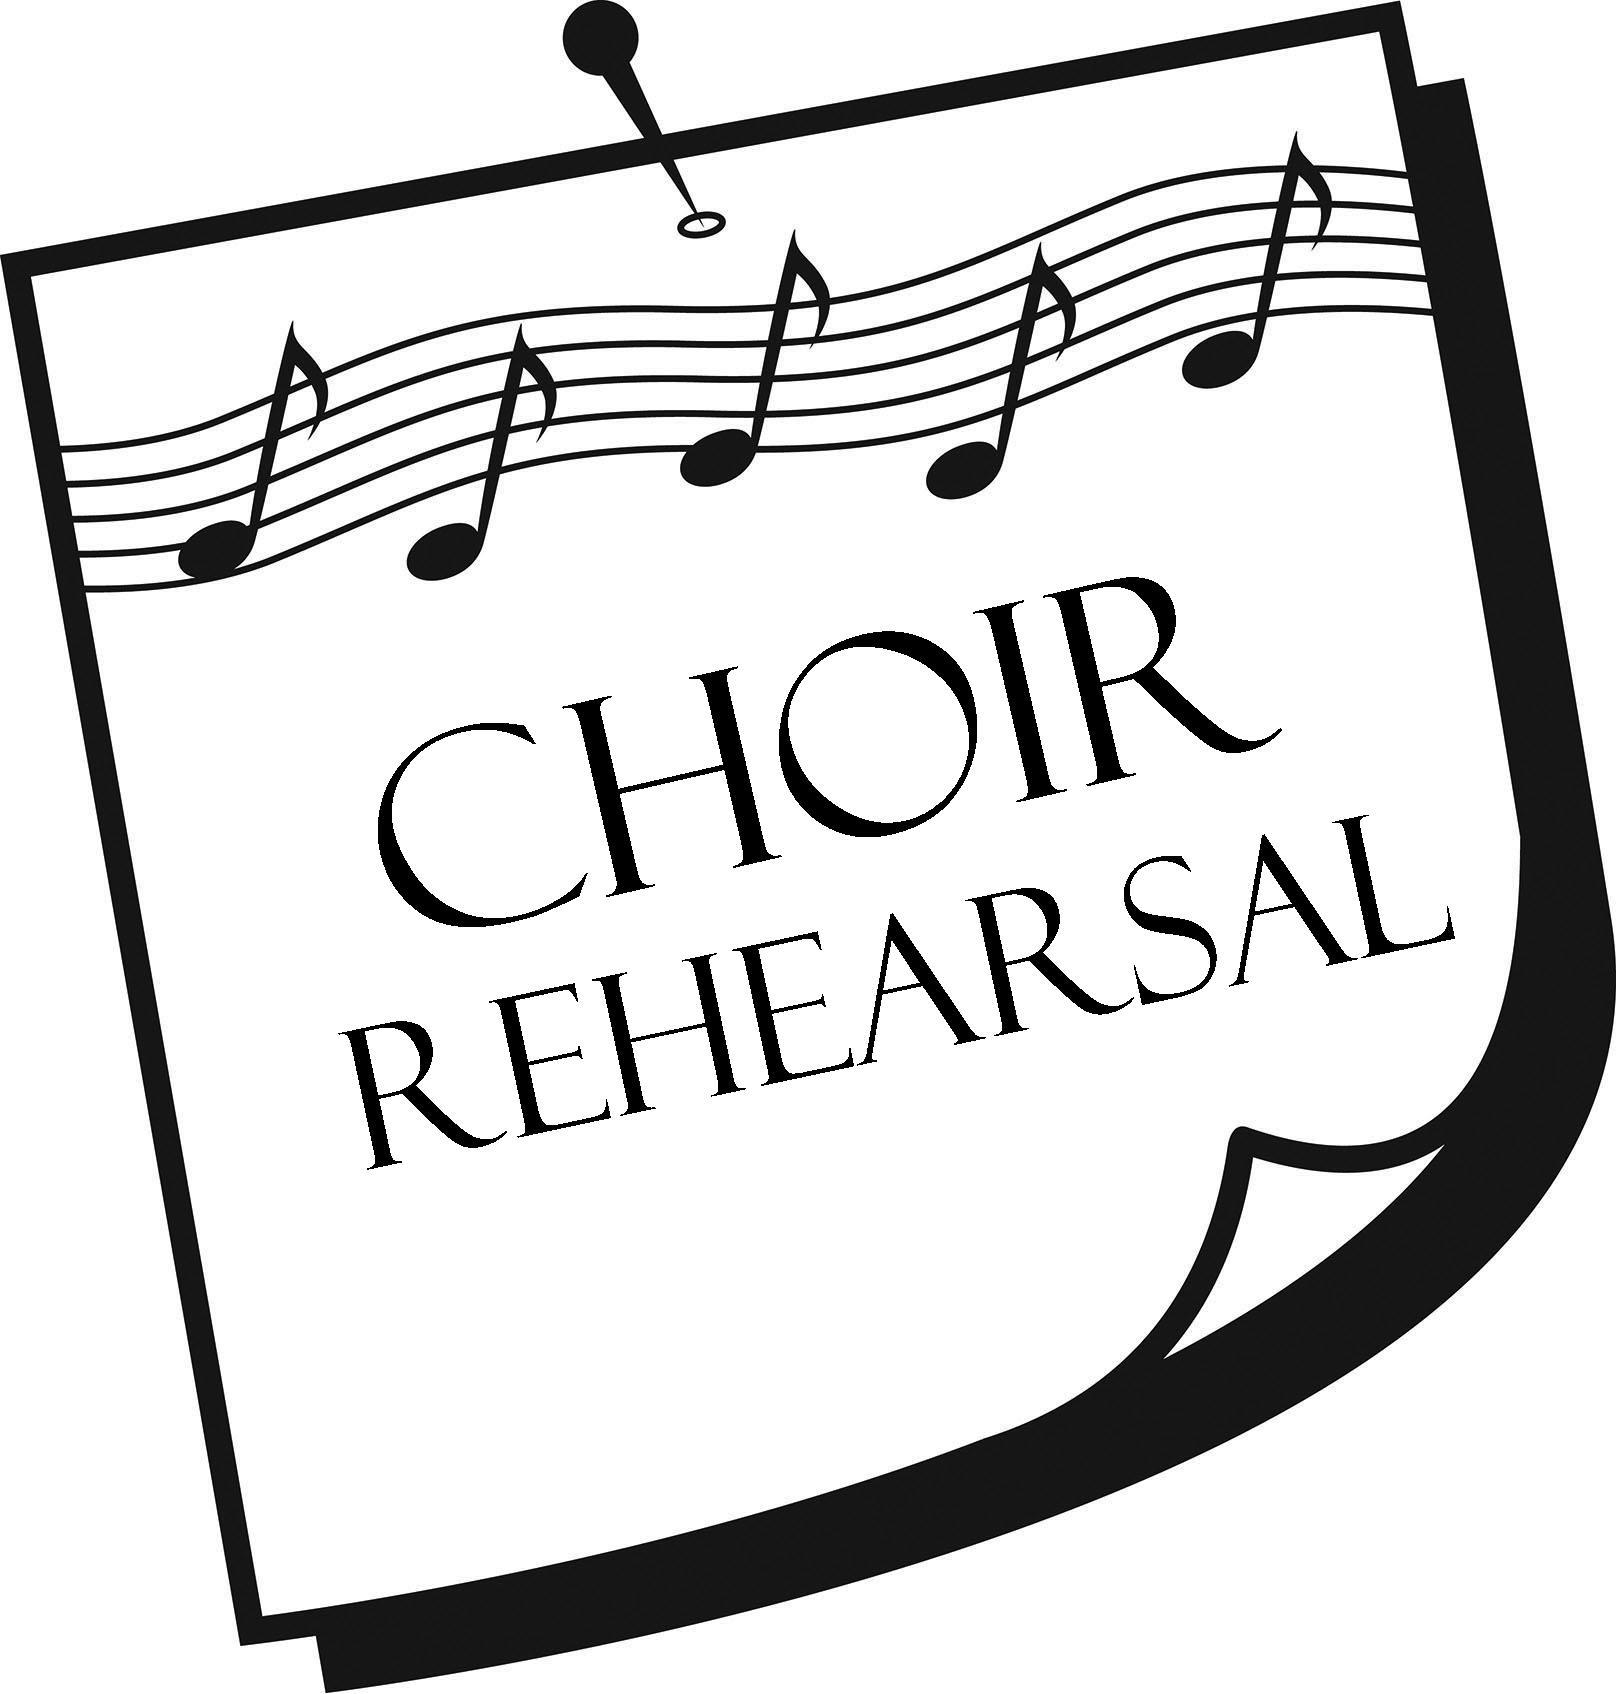 Choir clipart choir rehearsal. Hs pm holy spirit